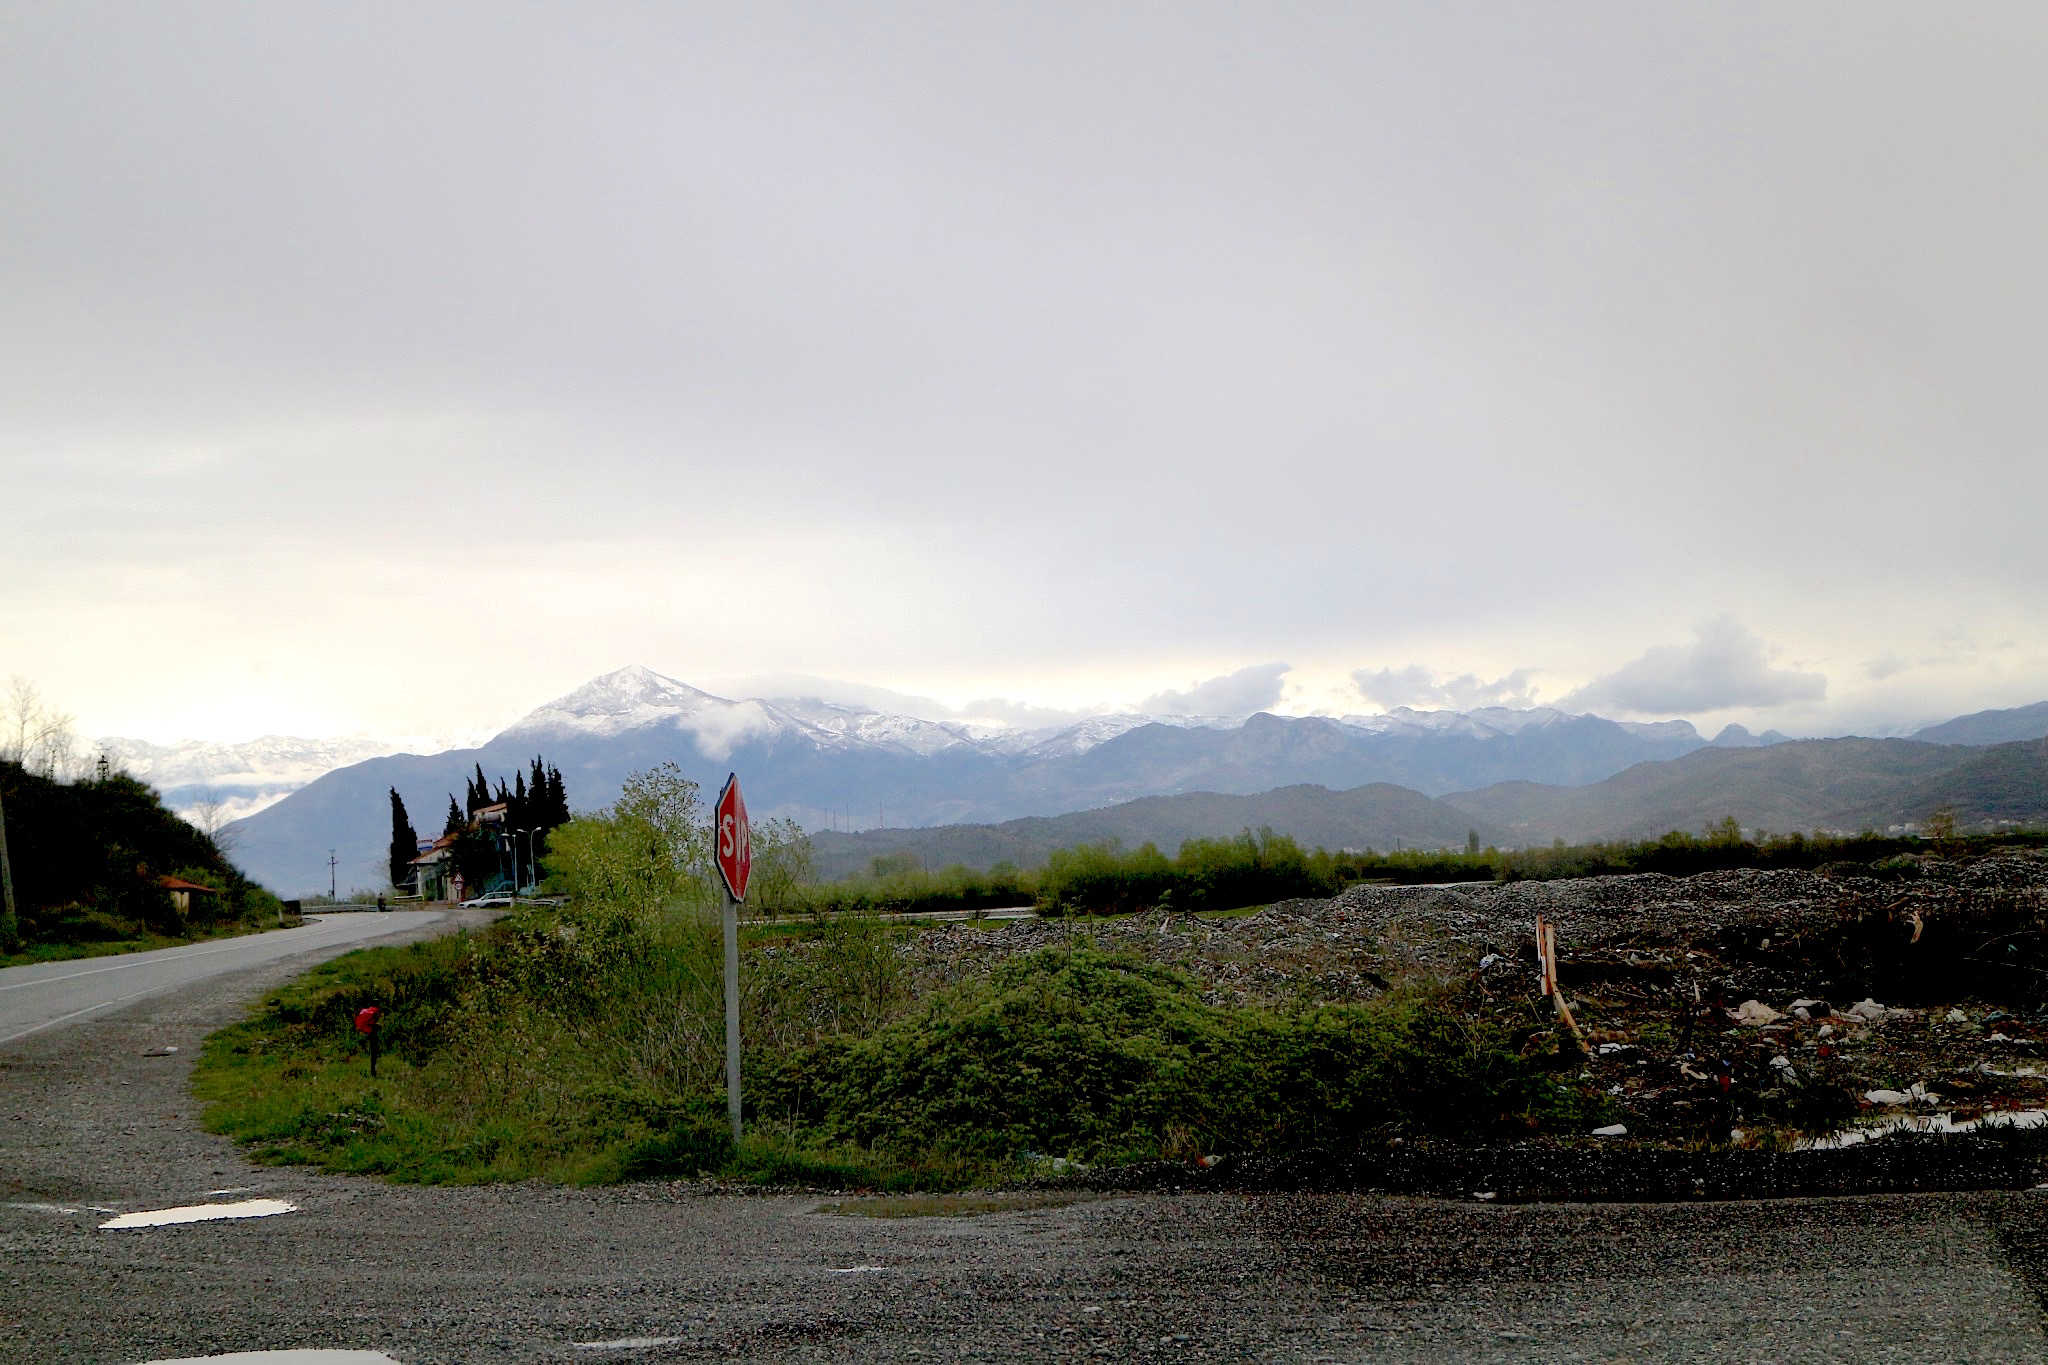 Lezhe Richtung Shkodra